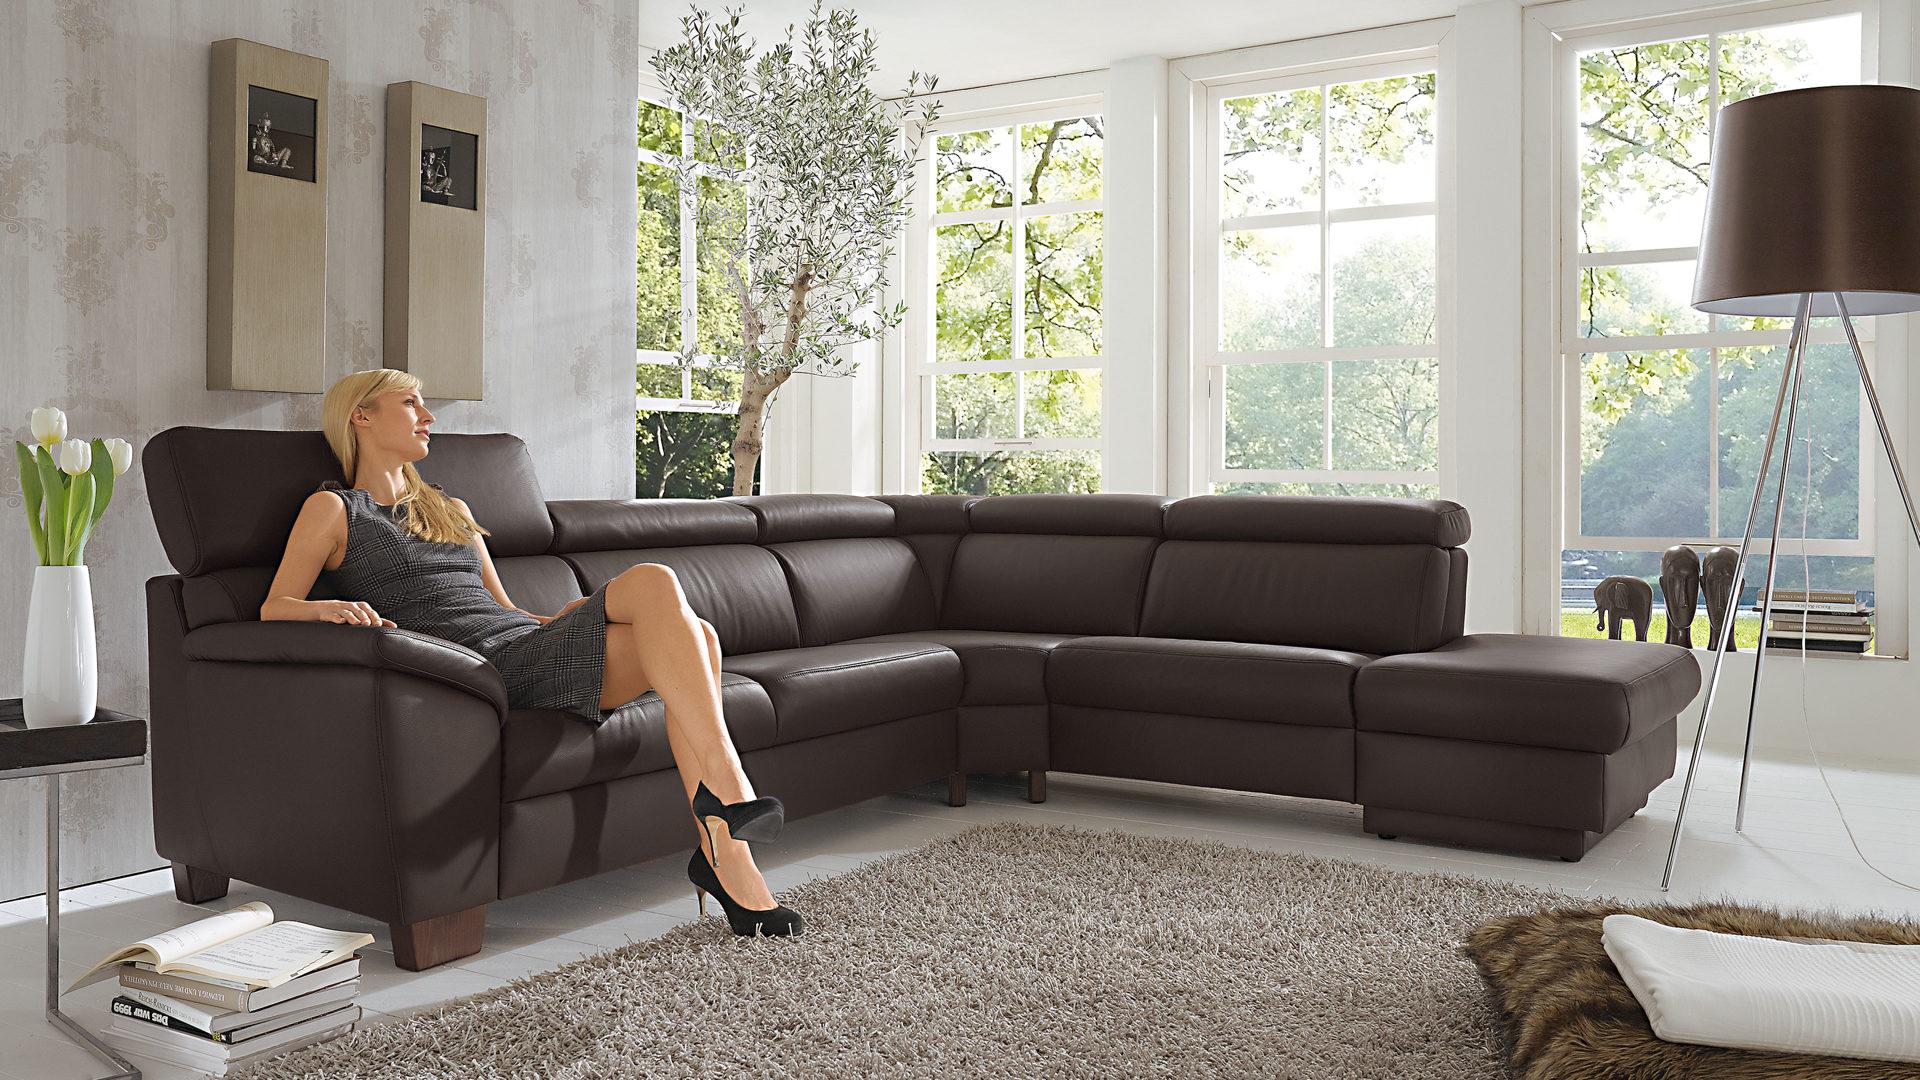 wohnzimmercouch braun. polsterecke system couch polstersofa ... - Wohnzimmercouch Braun